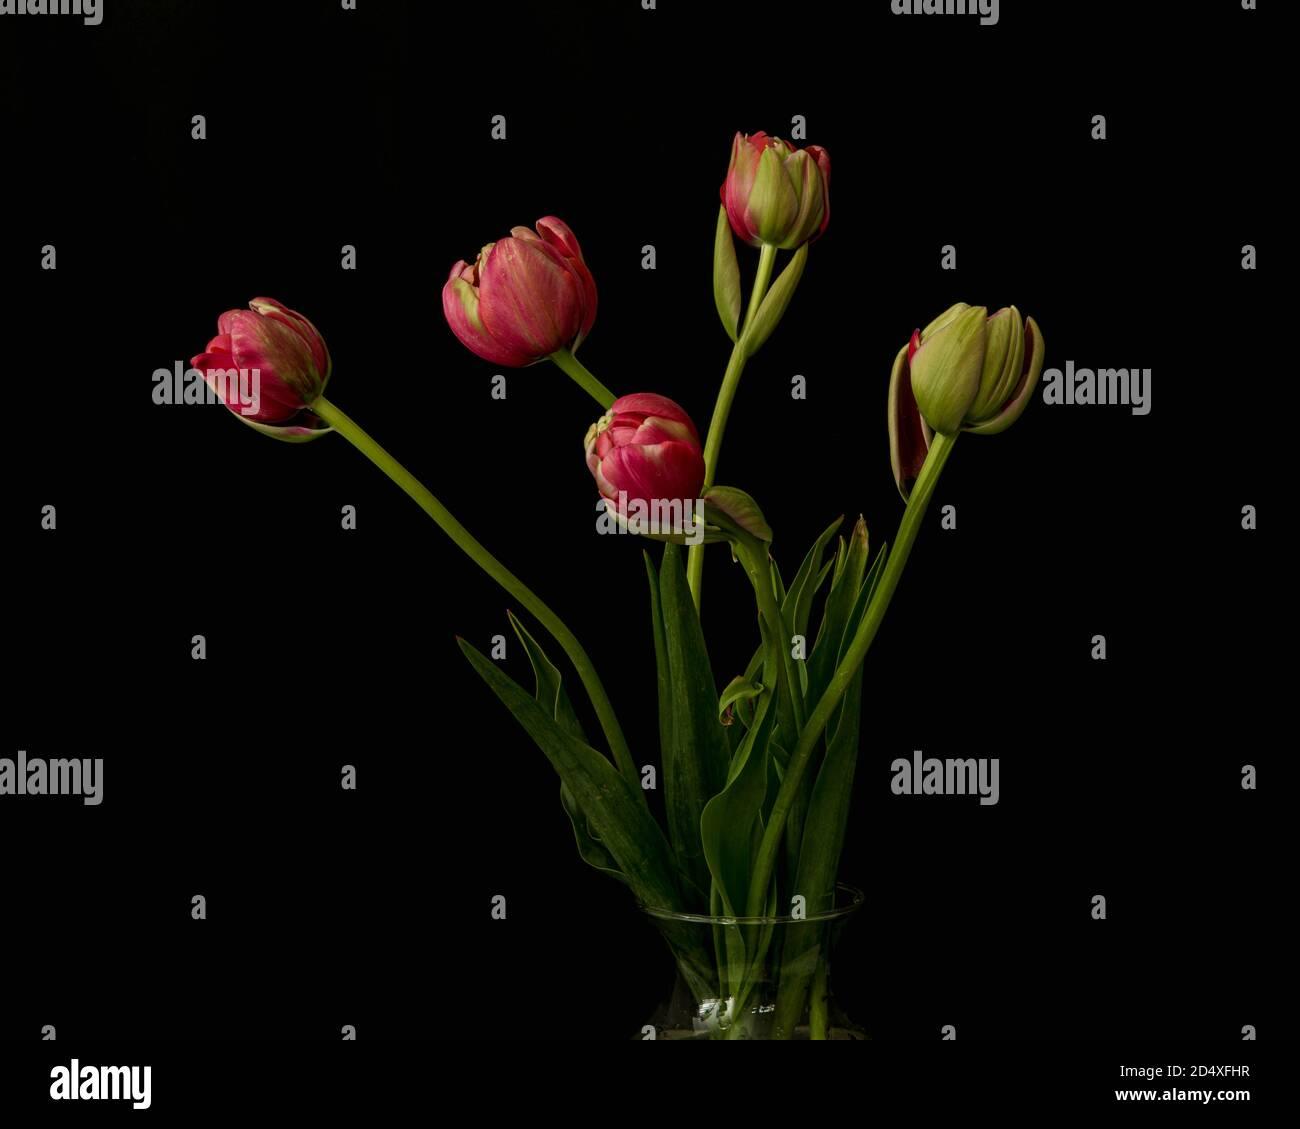 Bouquet de boutons de tulipe rose et de feuilles vertes, dans un vase en verre, vu du côté, seul haut du récipient illustré, fond noir de Madagascar, avec des feuilles Banque D'Images